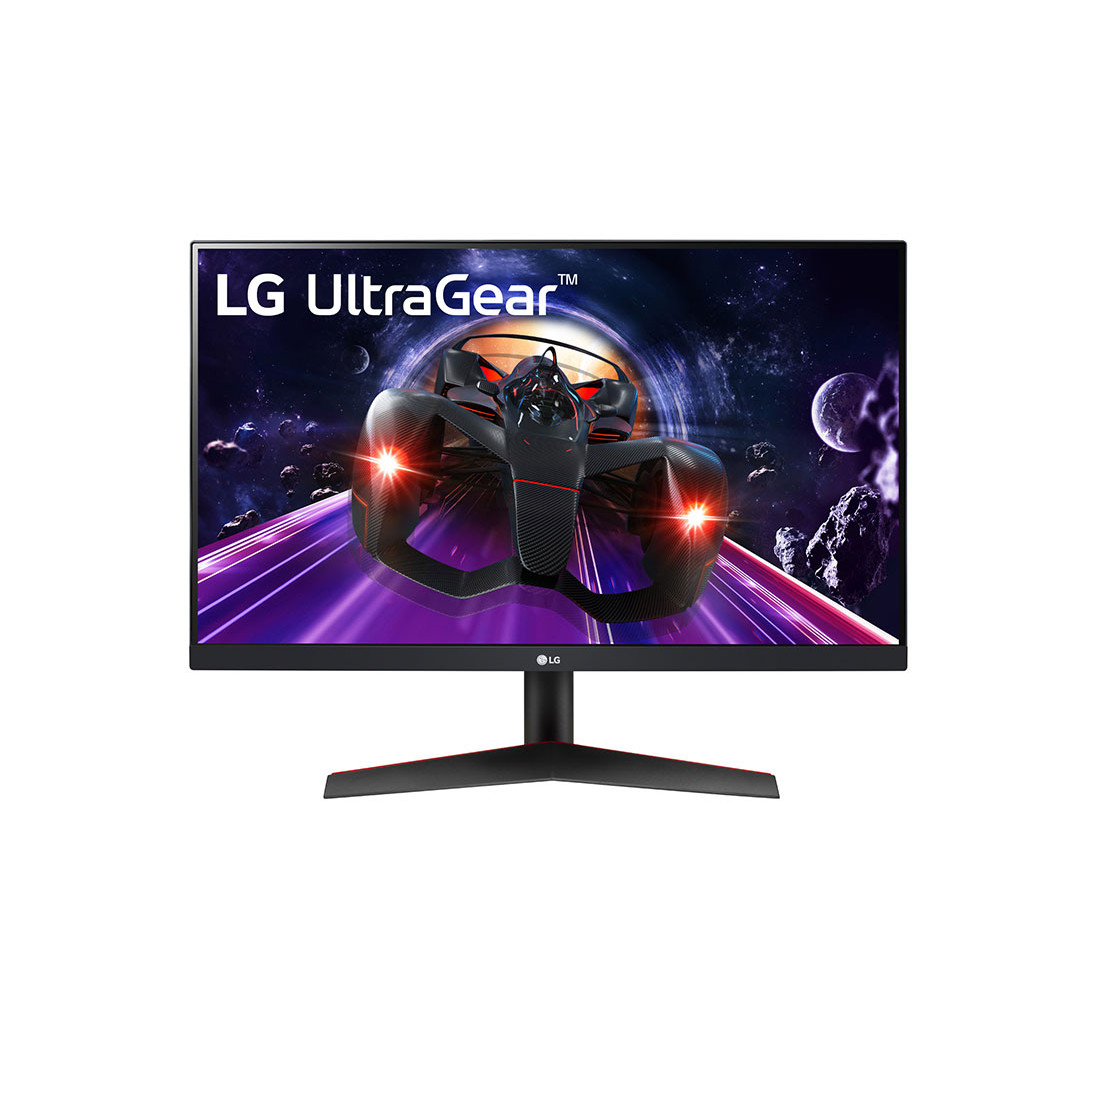 Màn hình máy tính LG UltraGear 23.8'' IPS 144Hz 1ms (GtG) HDR 24GN600-B - Hàng Chính Hãng